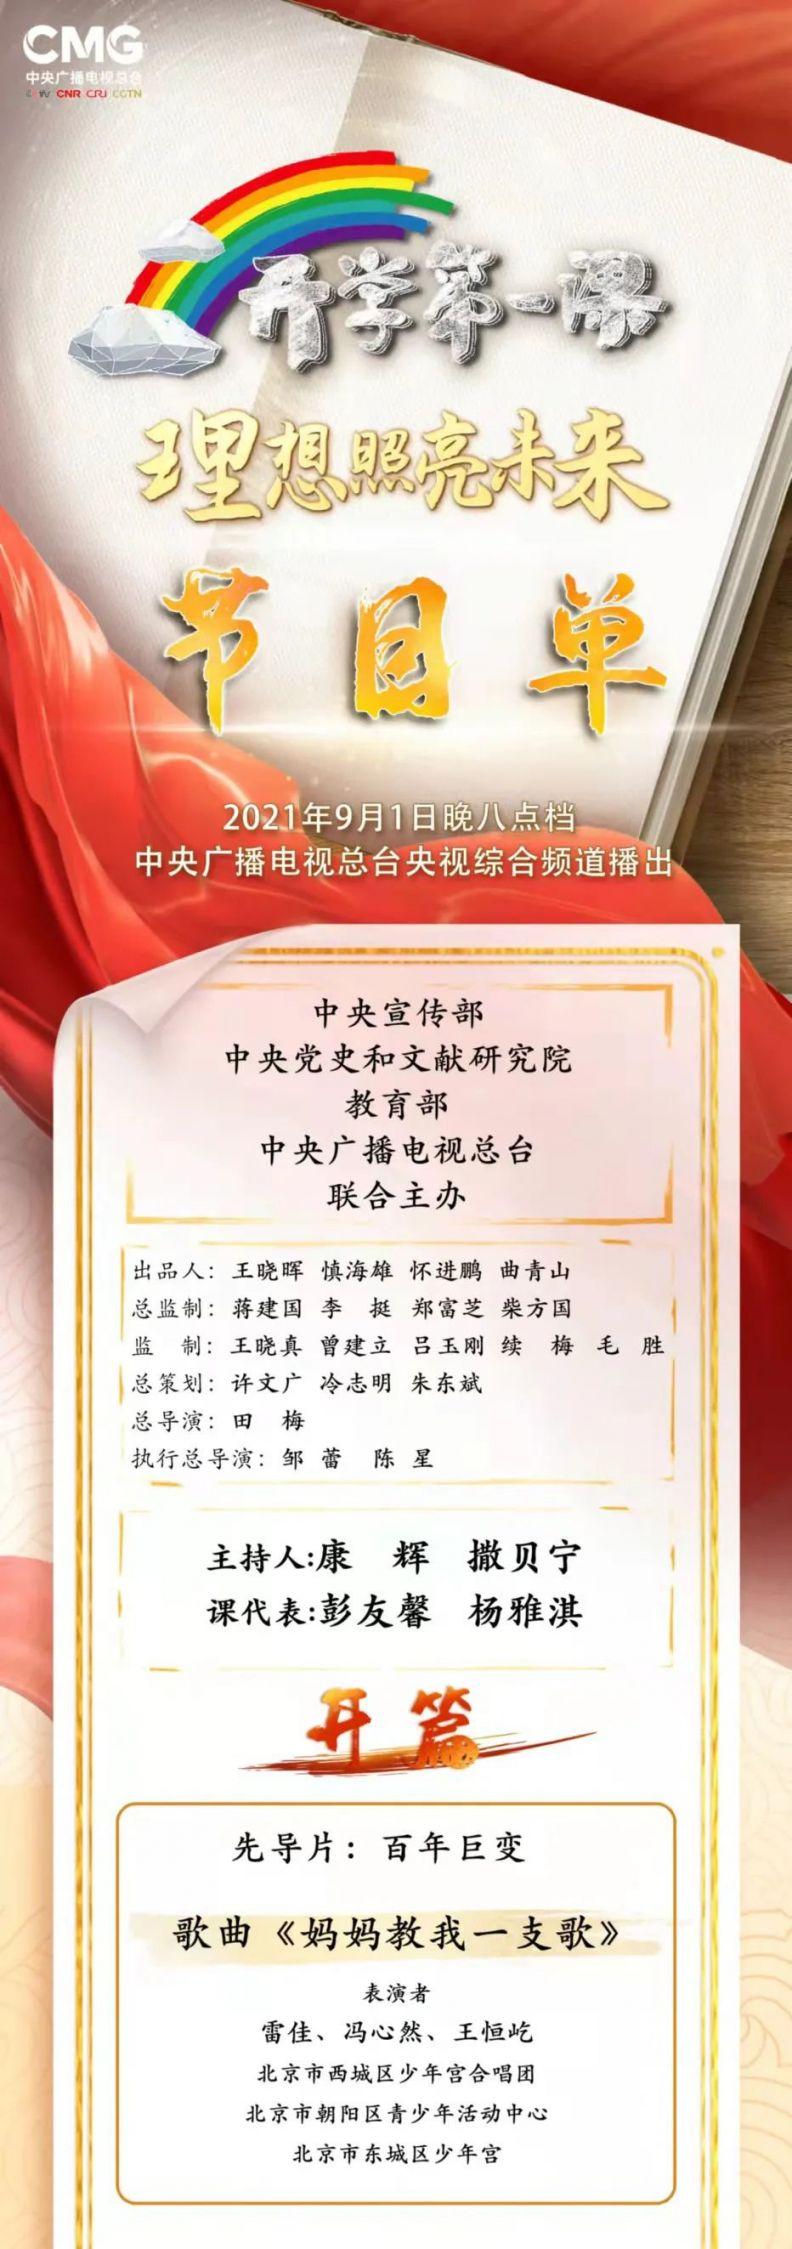 2021央视综合频道开学第一课节目单+直播入口